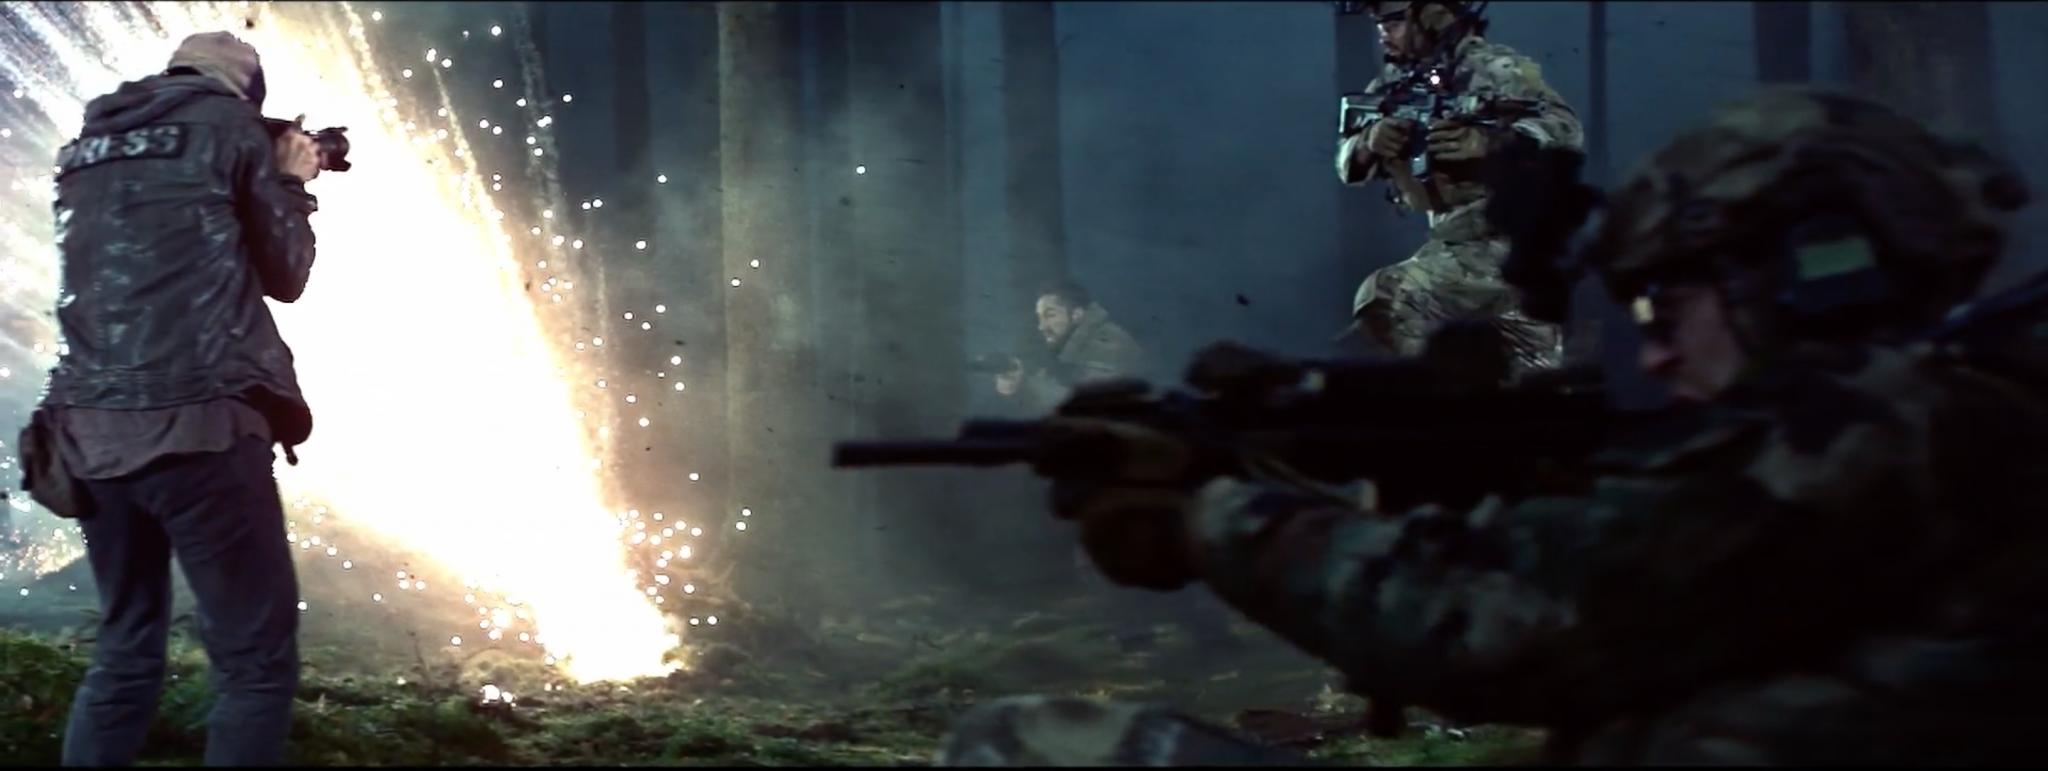 MG Action, Full Action Service, Special Effecte berlin, Spezialeinsatzkommando für film